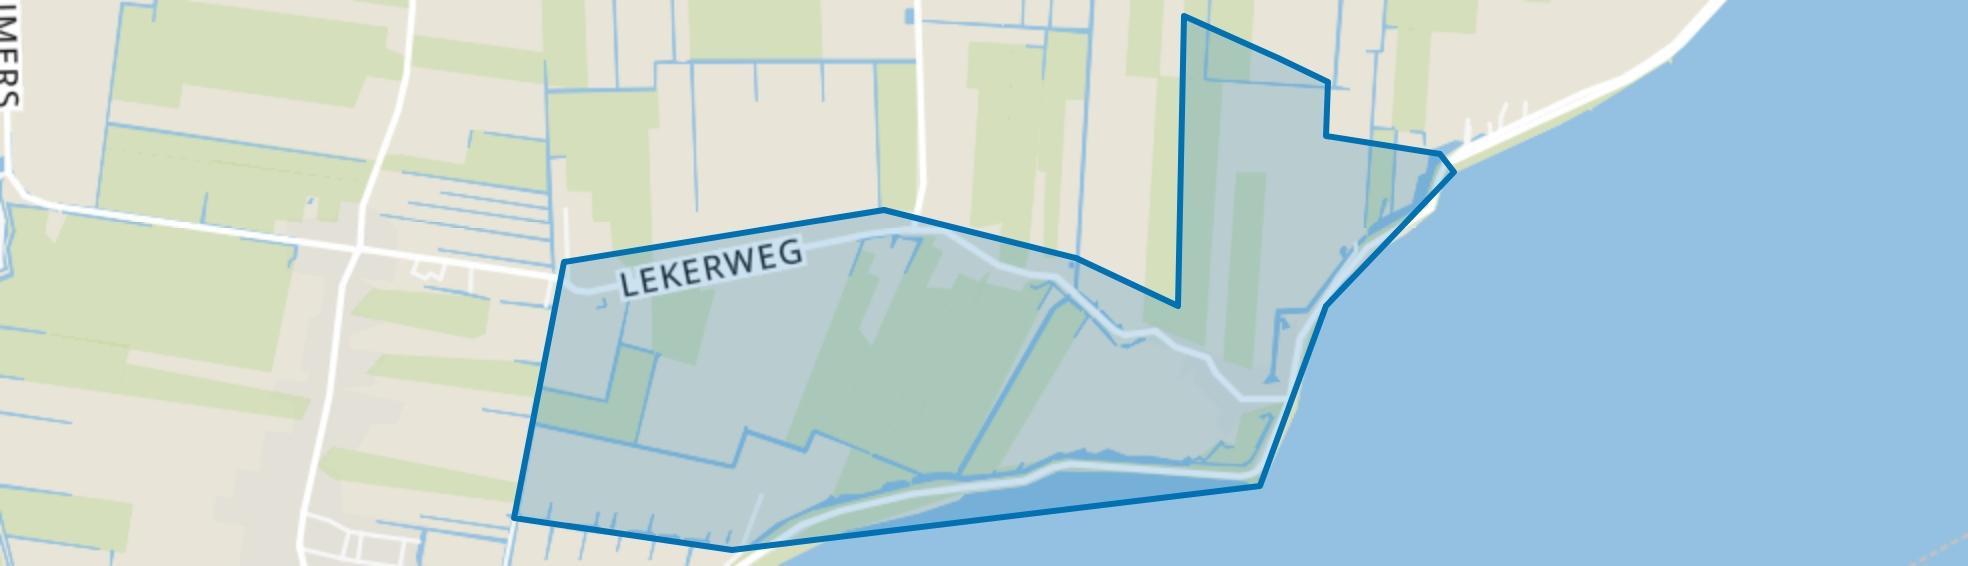 Oosterleek, Wijdenes map